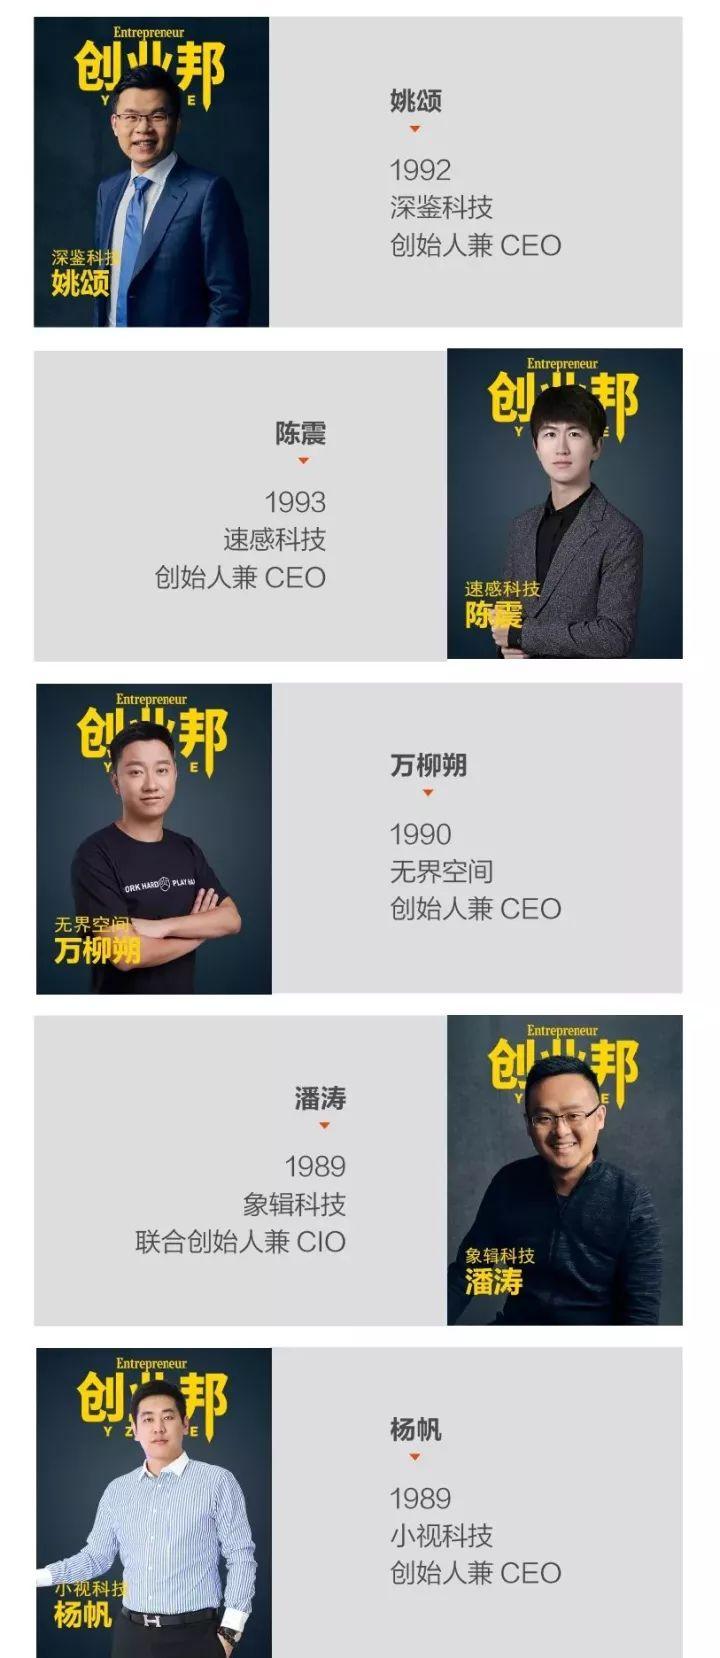 30岁以下创业新贵榜单揭晓!最小年龄21岁,他们拥有改变世界的野心,你的30岁呢?#投票上封面#